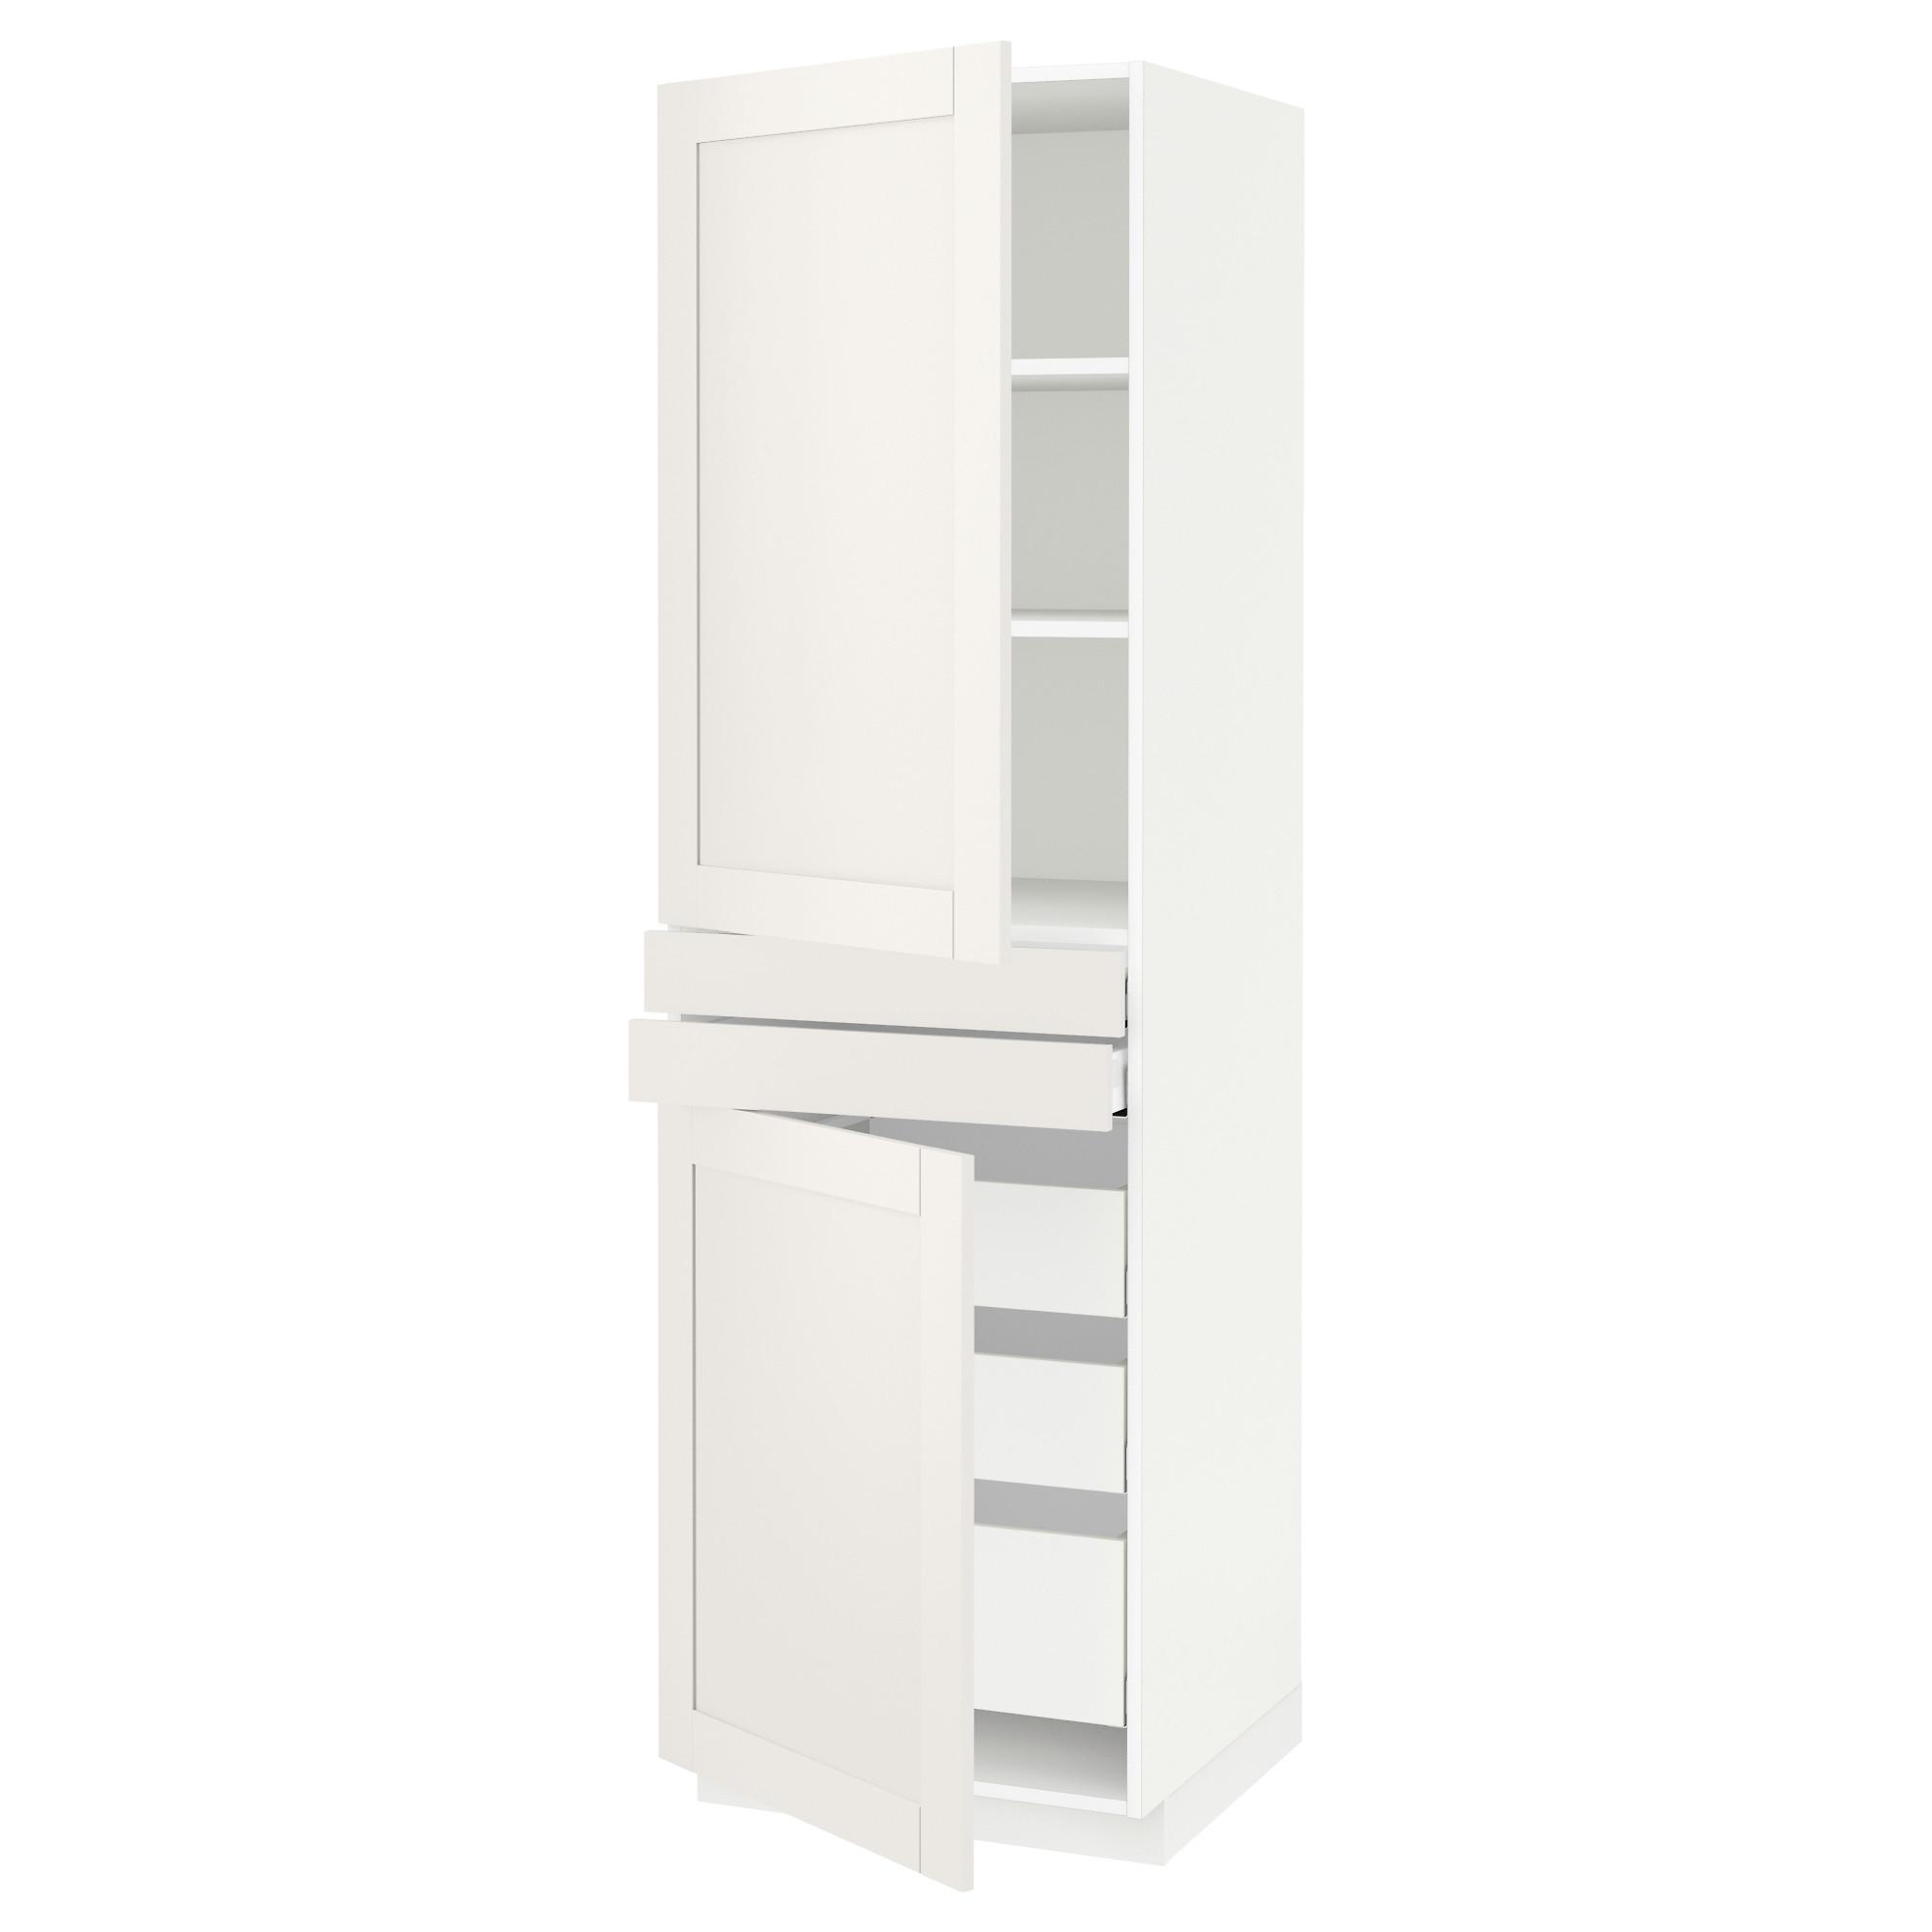 Высокий шкаф + полки, 5 ящиков, 2 дверцы, 2 фронтальных МЕТОД / МАКСИМЕРА белый артикуль № 792.389.33 в наличии. Онлайн сайт ИКЕА РБ. Недорогая доставка и монтаж.